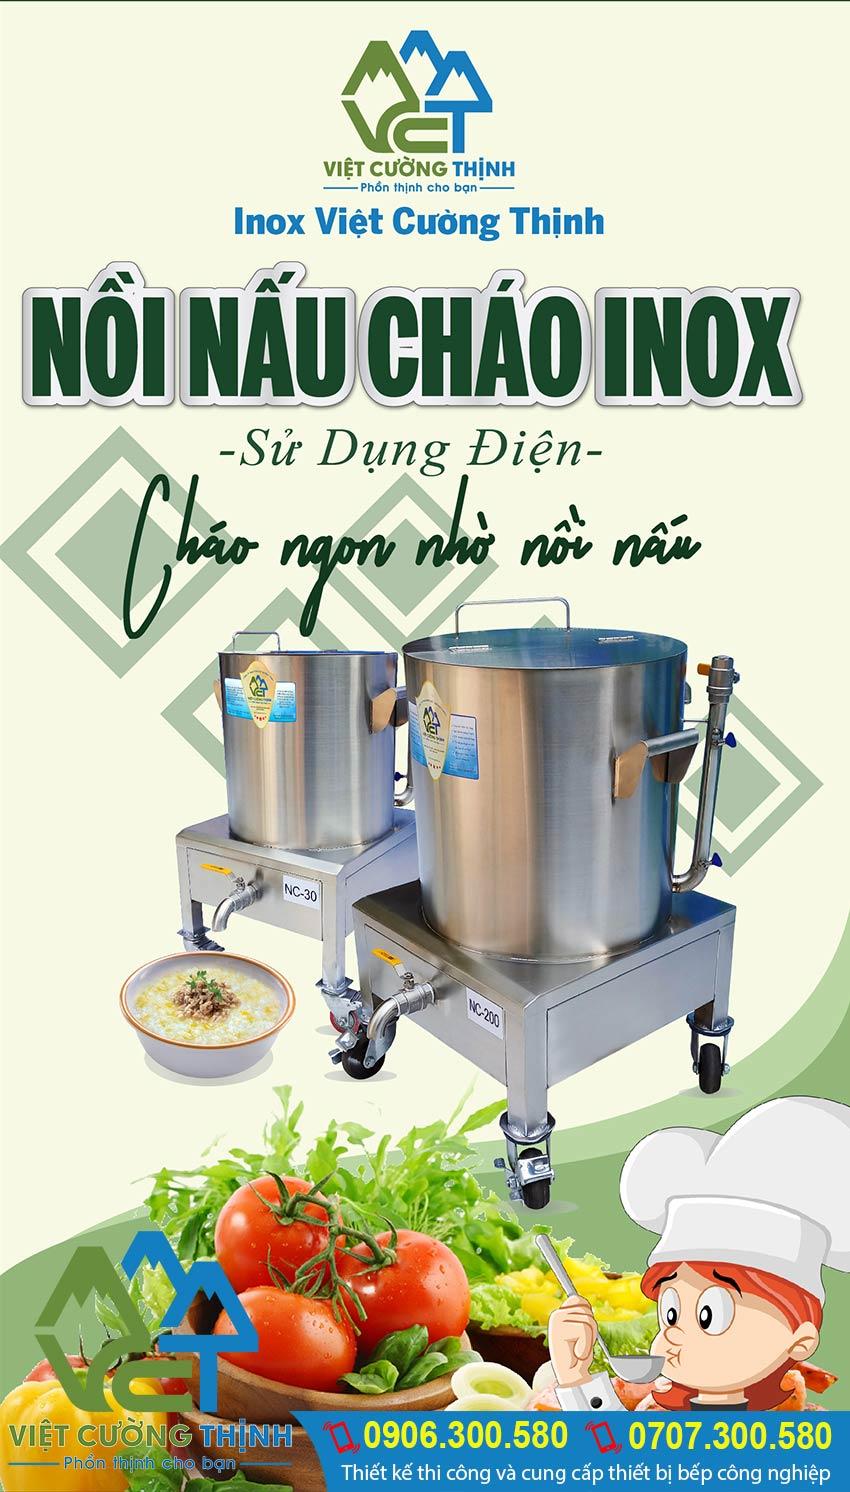 Địa chỉ bán nồi nấu cháo công nghiệp bằng điện, nồi nấu cháo bằng điện Inox giá tốt tại TP HCM. Liên hệ Inox Việt Cường Thịnh Ngay.